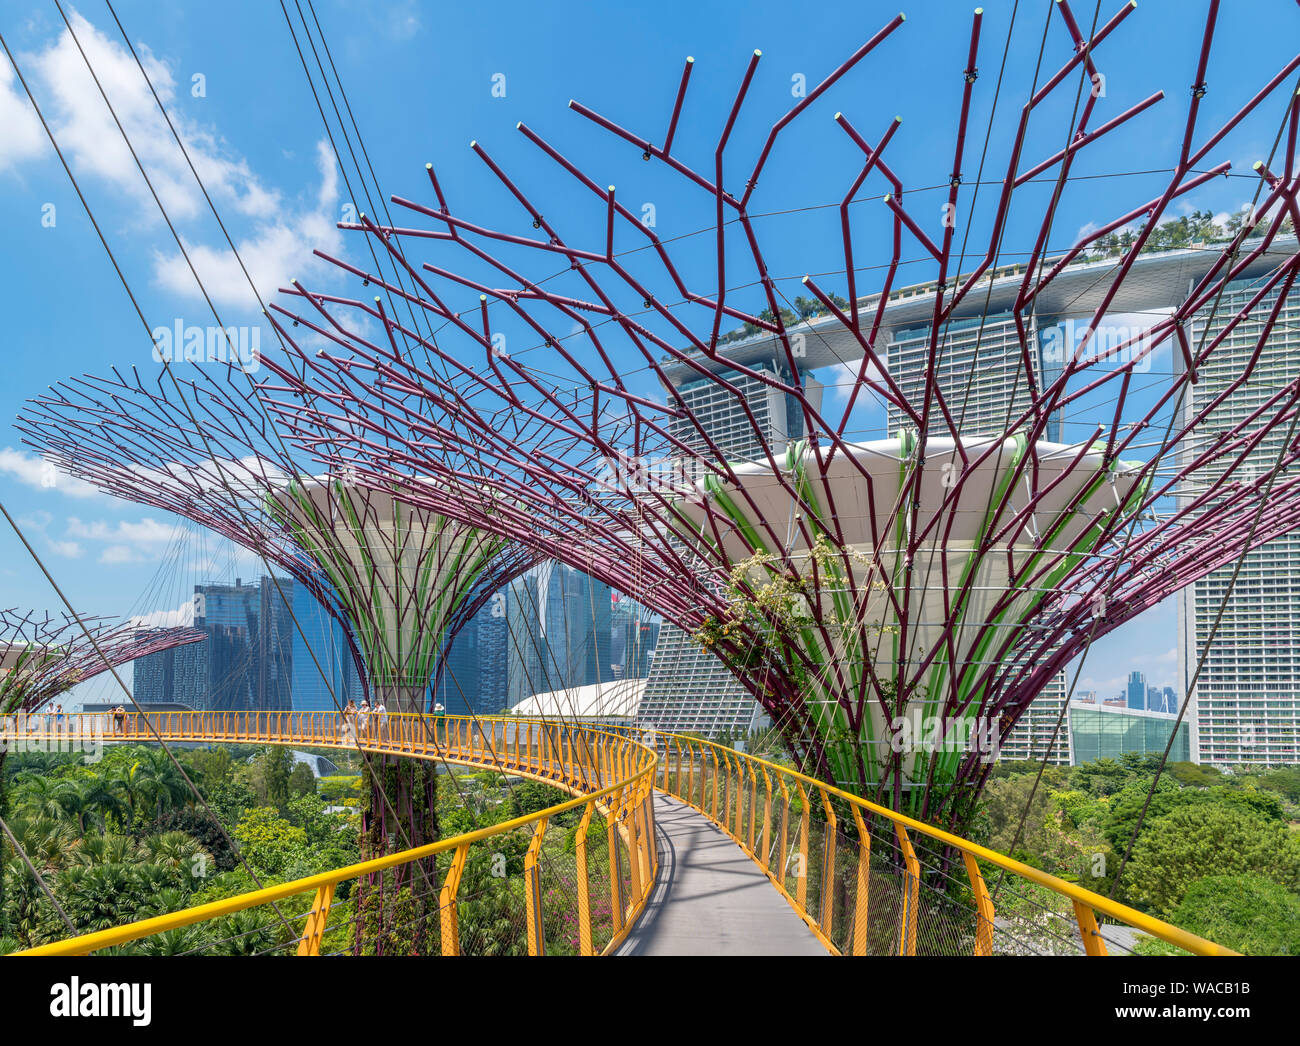 Die ocbc Skyway, eine Antenne Gehweg in der Supertree Grove, mit Blick auf die Marina Bay Sands, Gärten durch die Bucht, Singapore City, Singapur Stockfoto